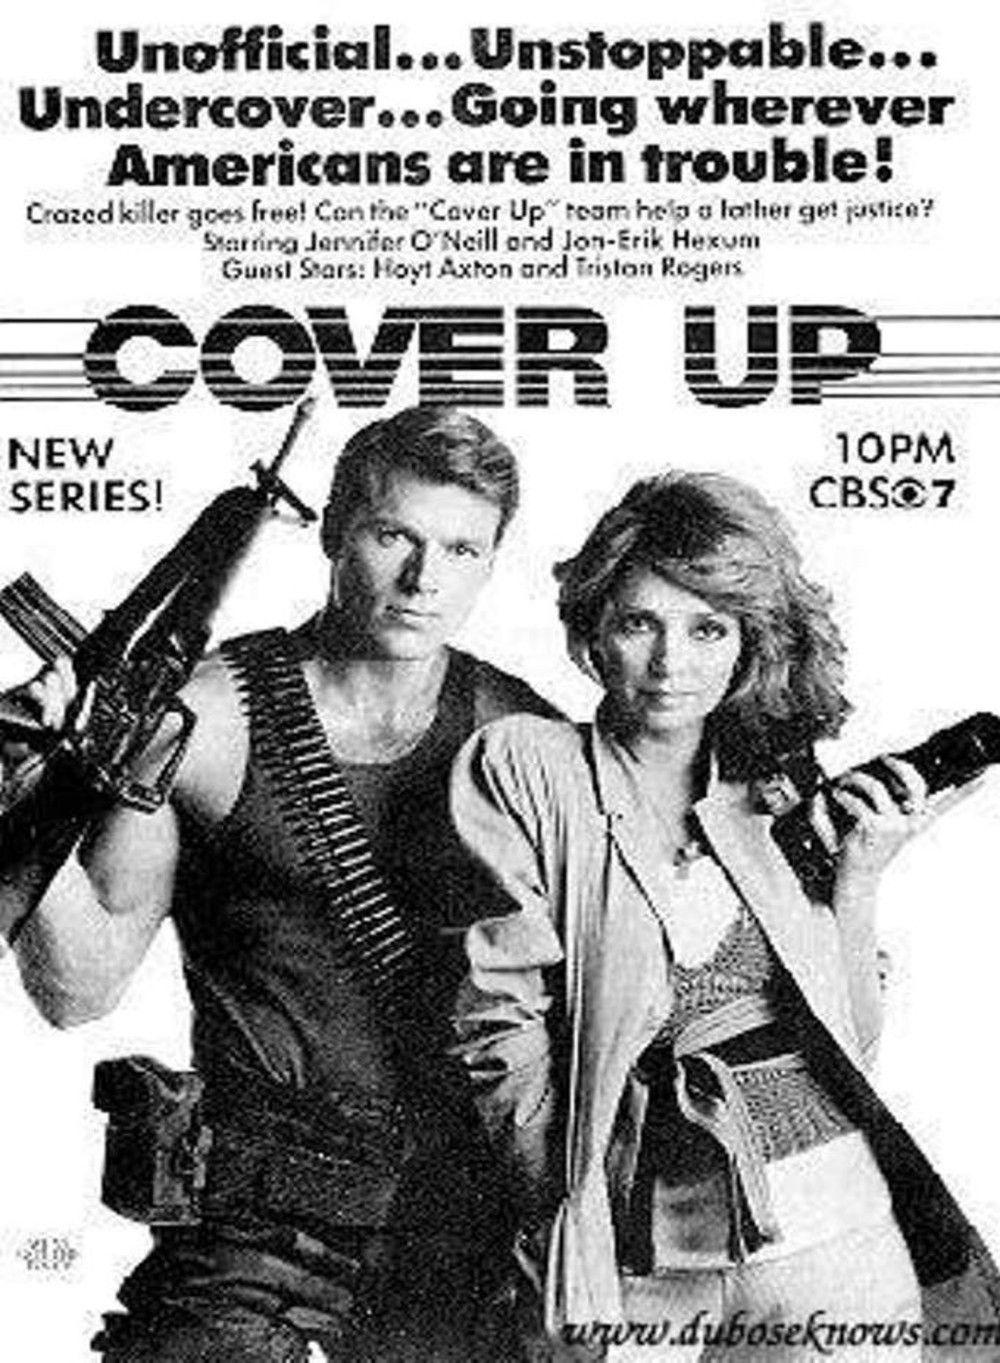 Espion Modele Ou Espion A La Mode Cover Up Est Une Serie Televisee Americaine En 22 Episodes De 50 Minutes Creee Pa Cover Up Jennifer O Neill 1980s Tv Shows